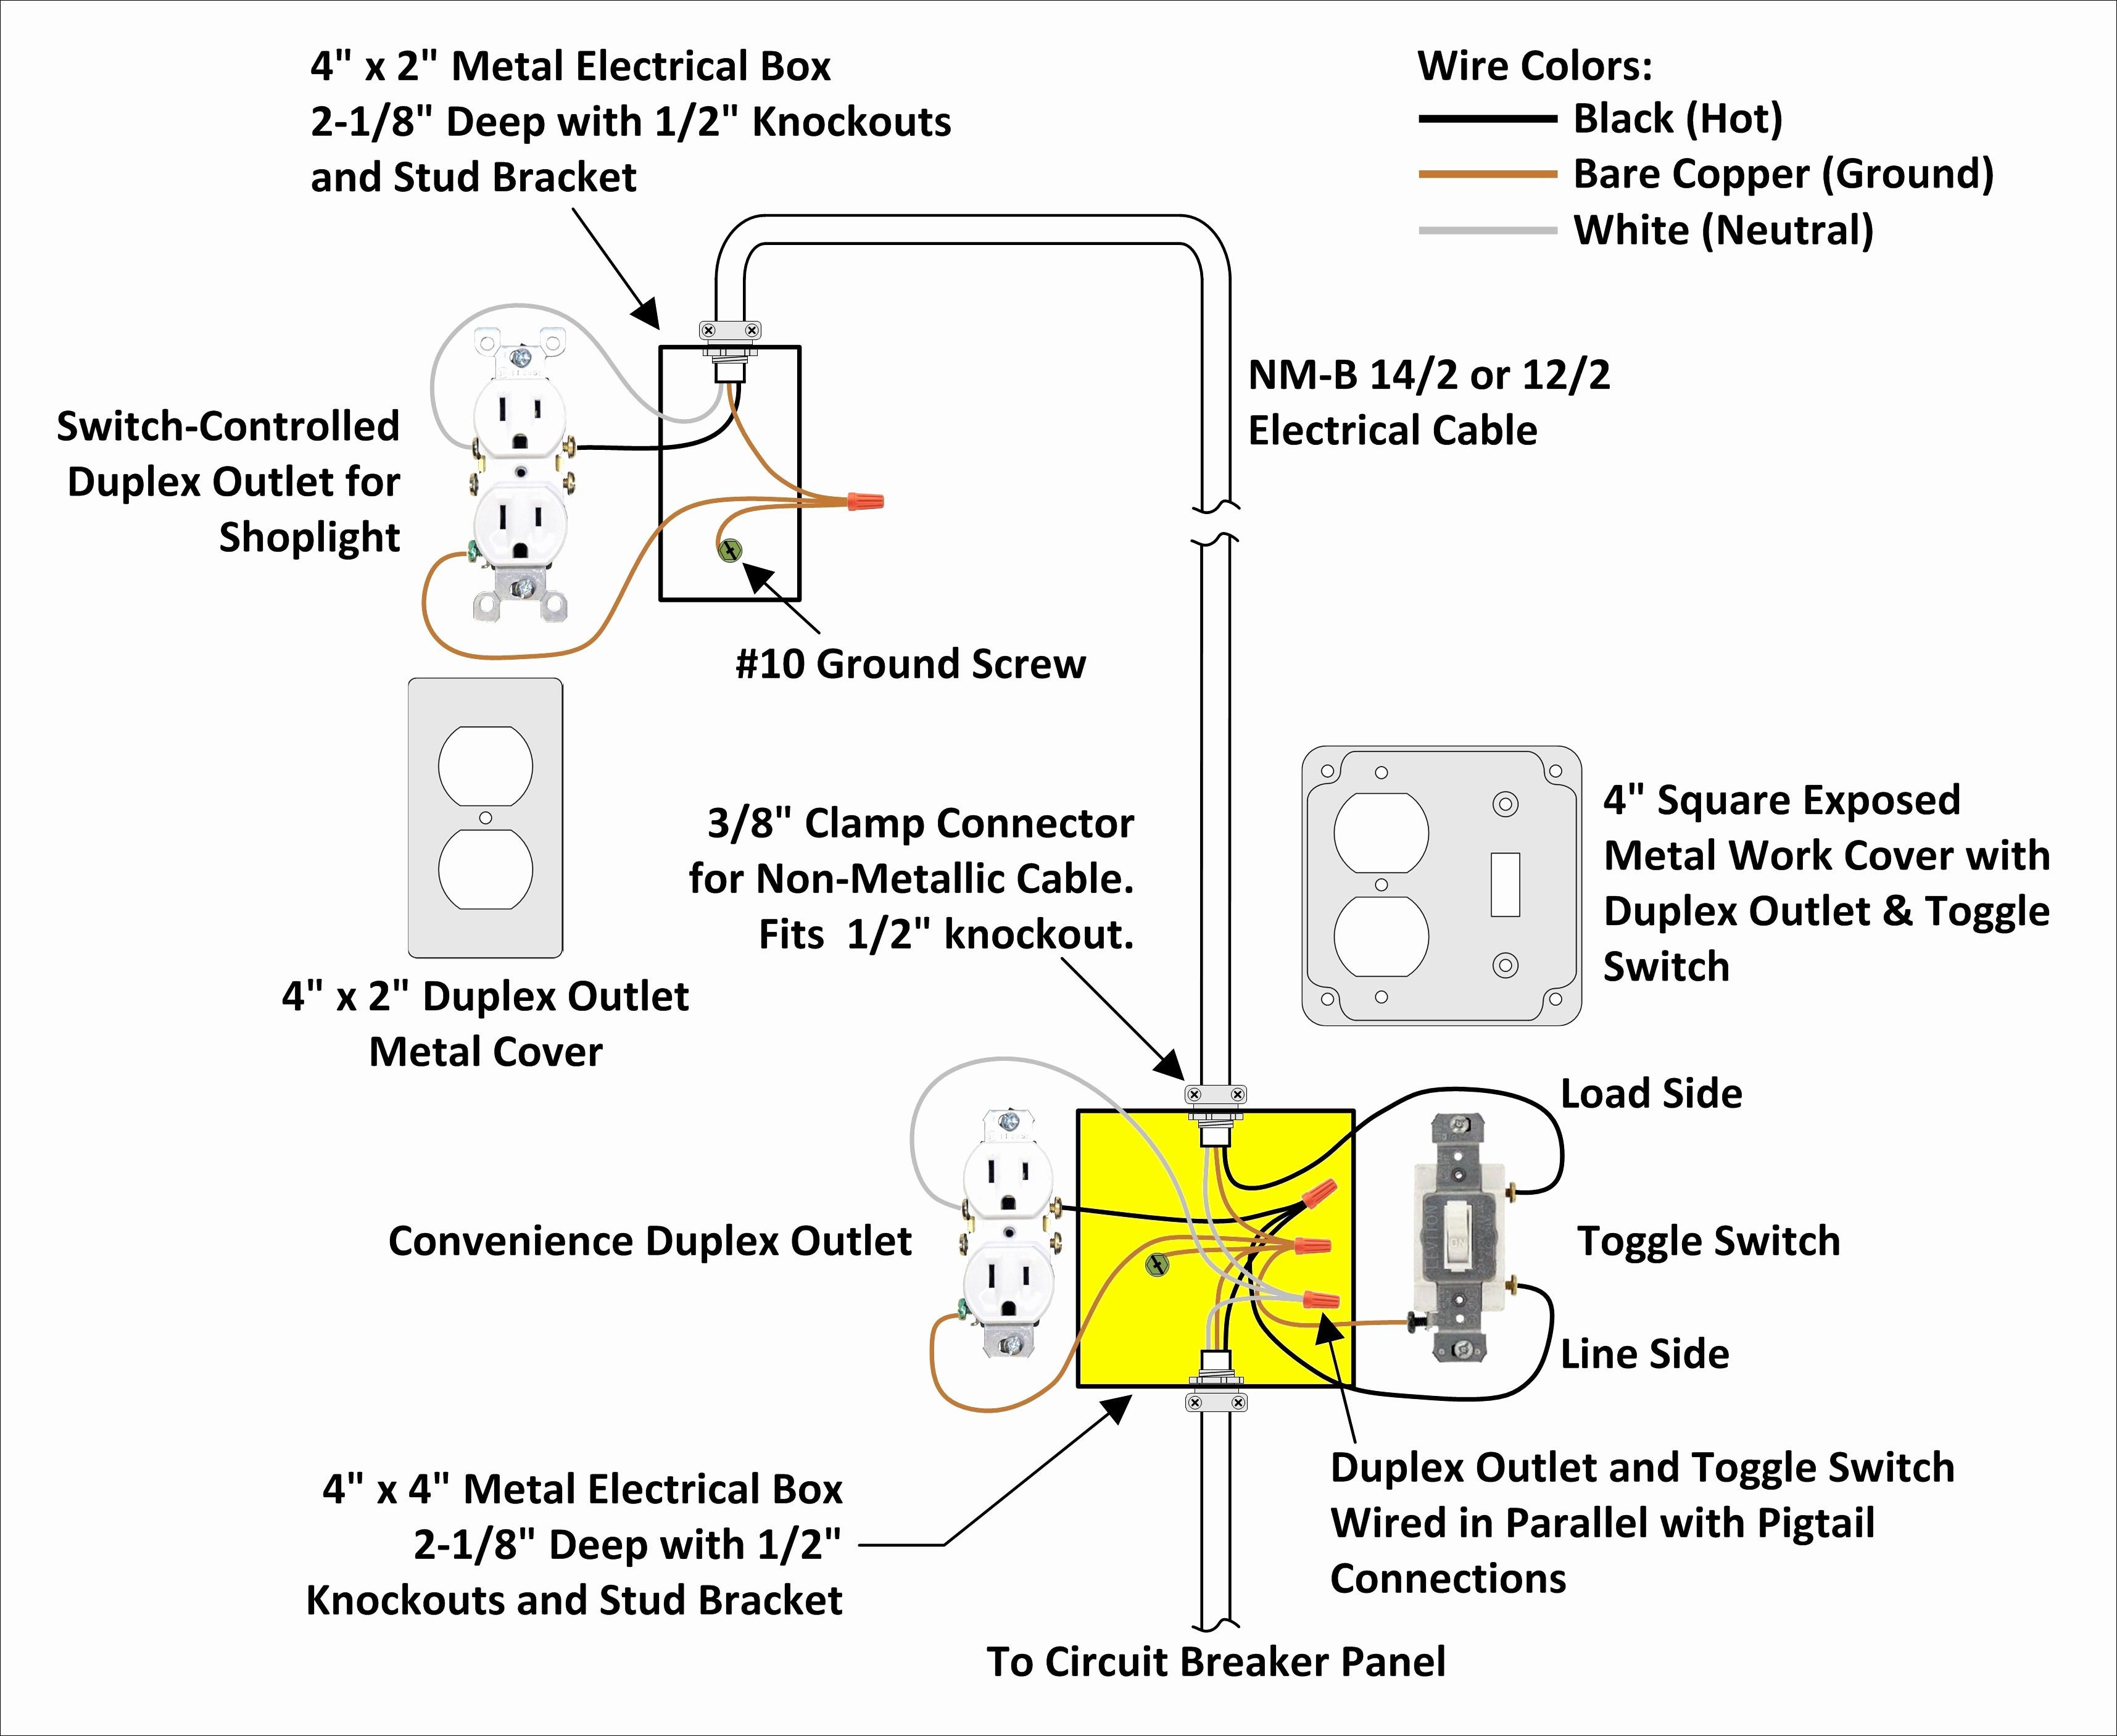 30 Amp To 50 Amp Adapter Wiring Diagram   Wiring Diagram - 50 Amp Plug Wiring Diagram